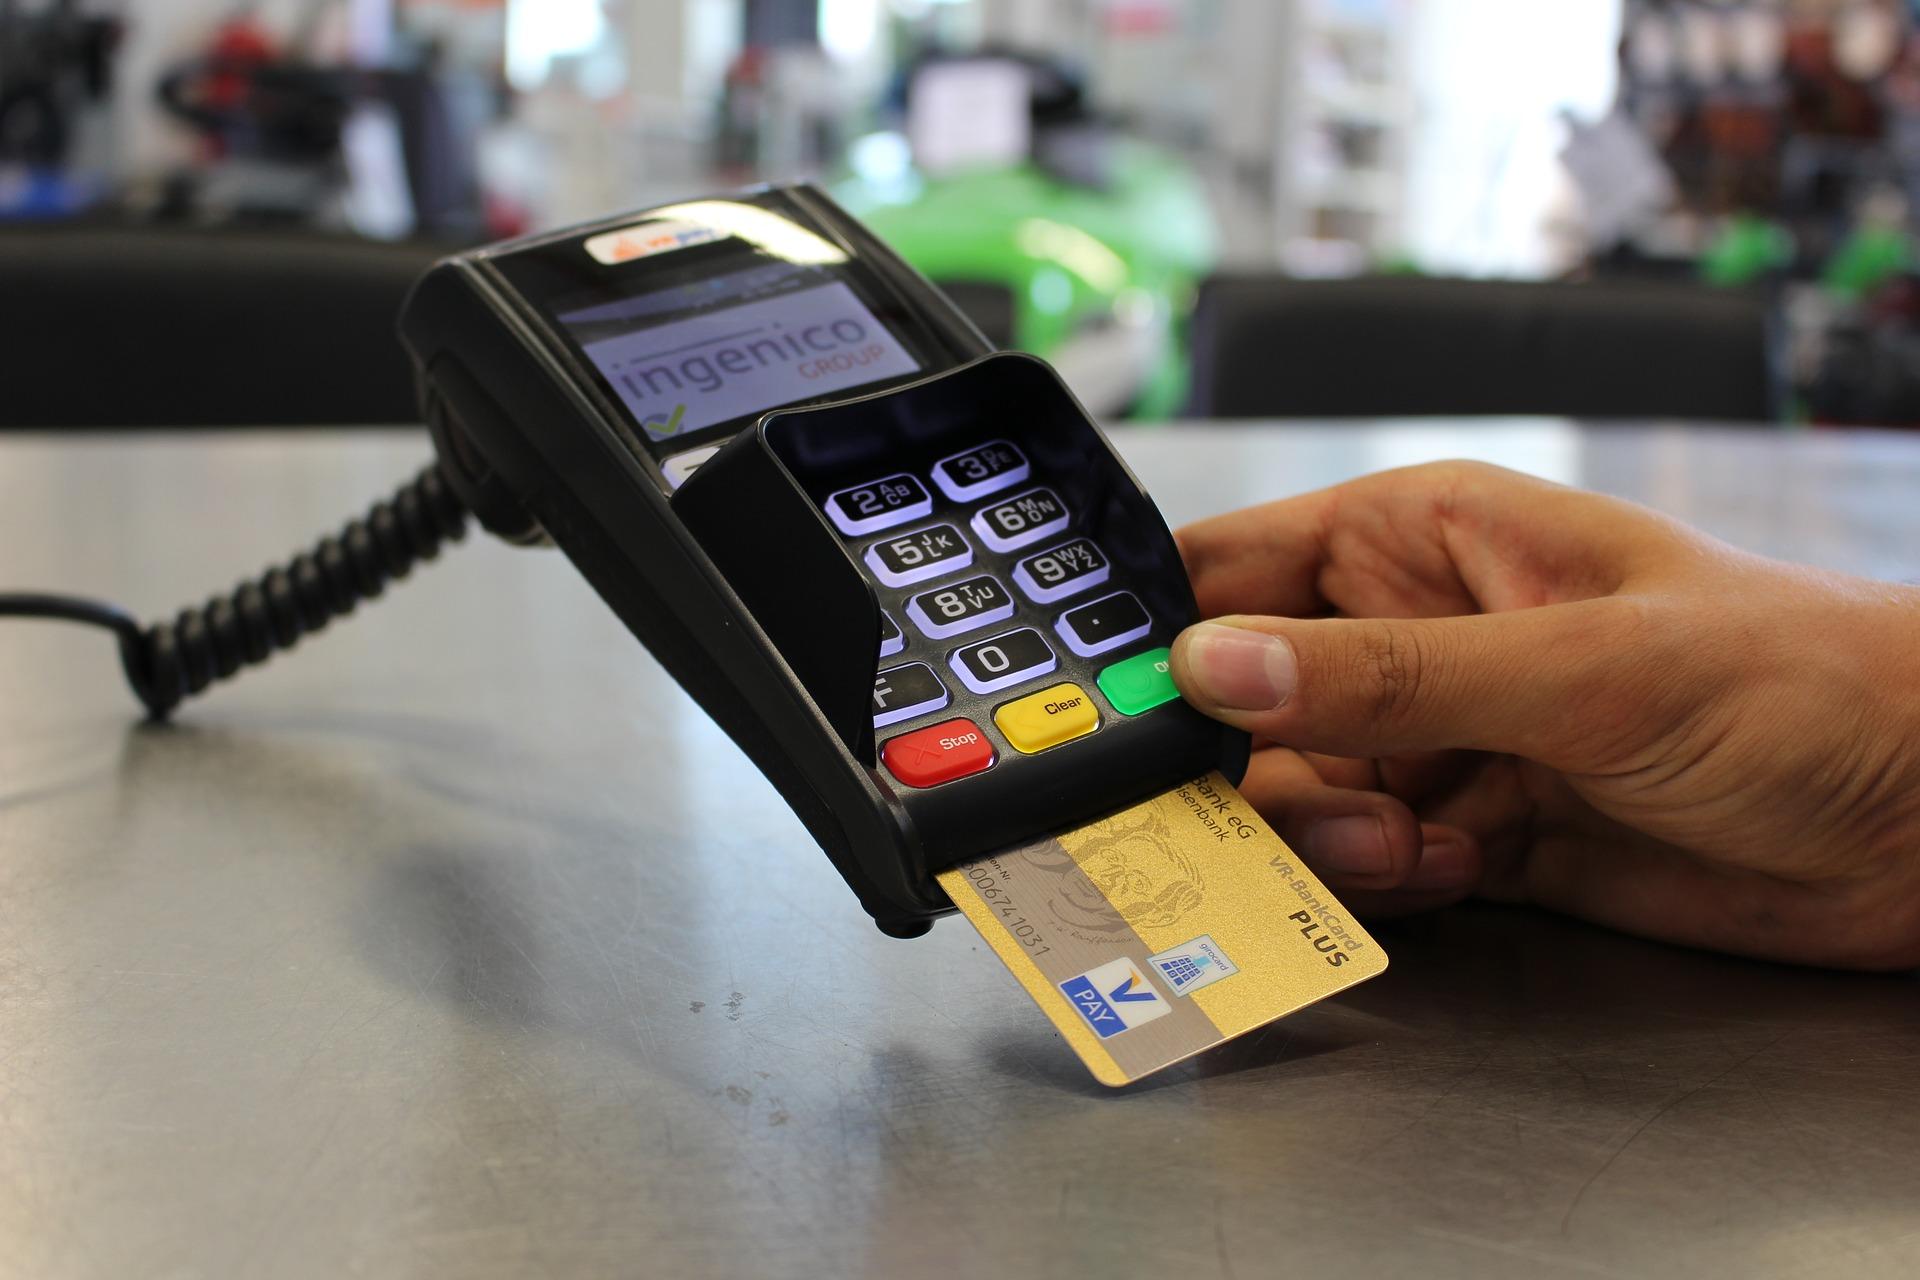 f35892fca7 Teljesen megváltozhat a kártyás fizetés, így teszik biztonságosabbá ...